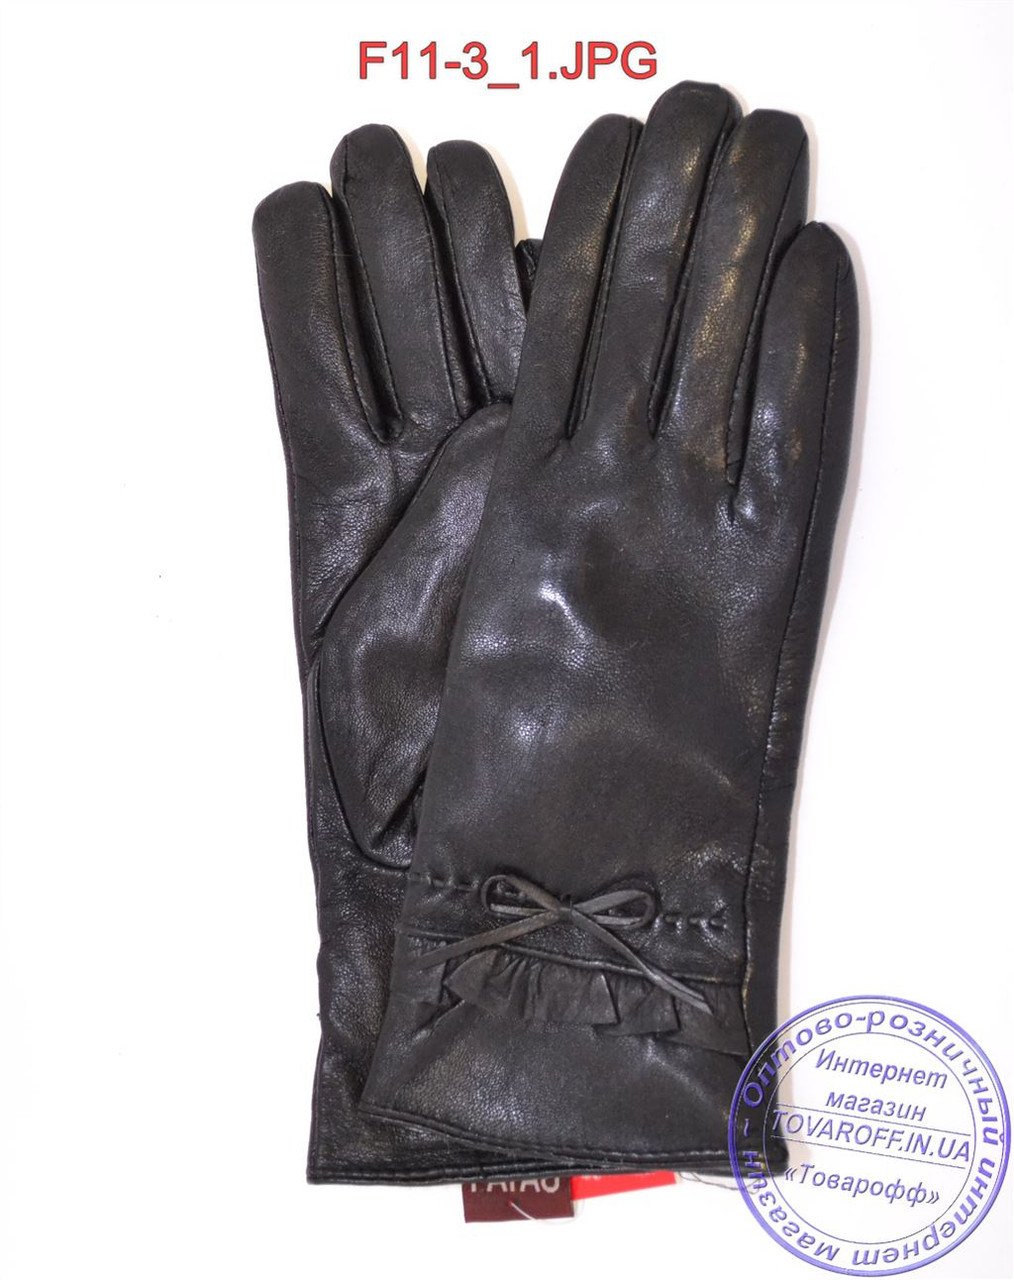 Женские кожаные зимние перчатки на меху кролика (мех искусственный) - F11-3